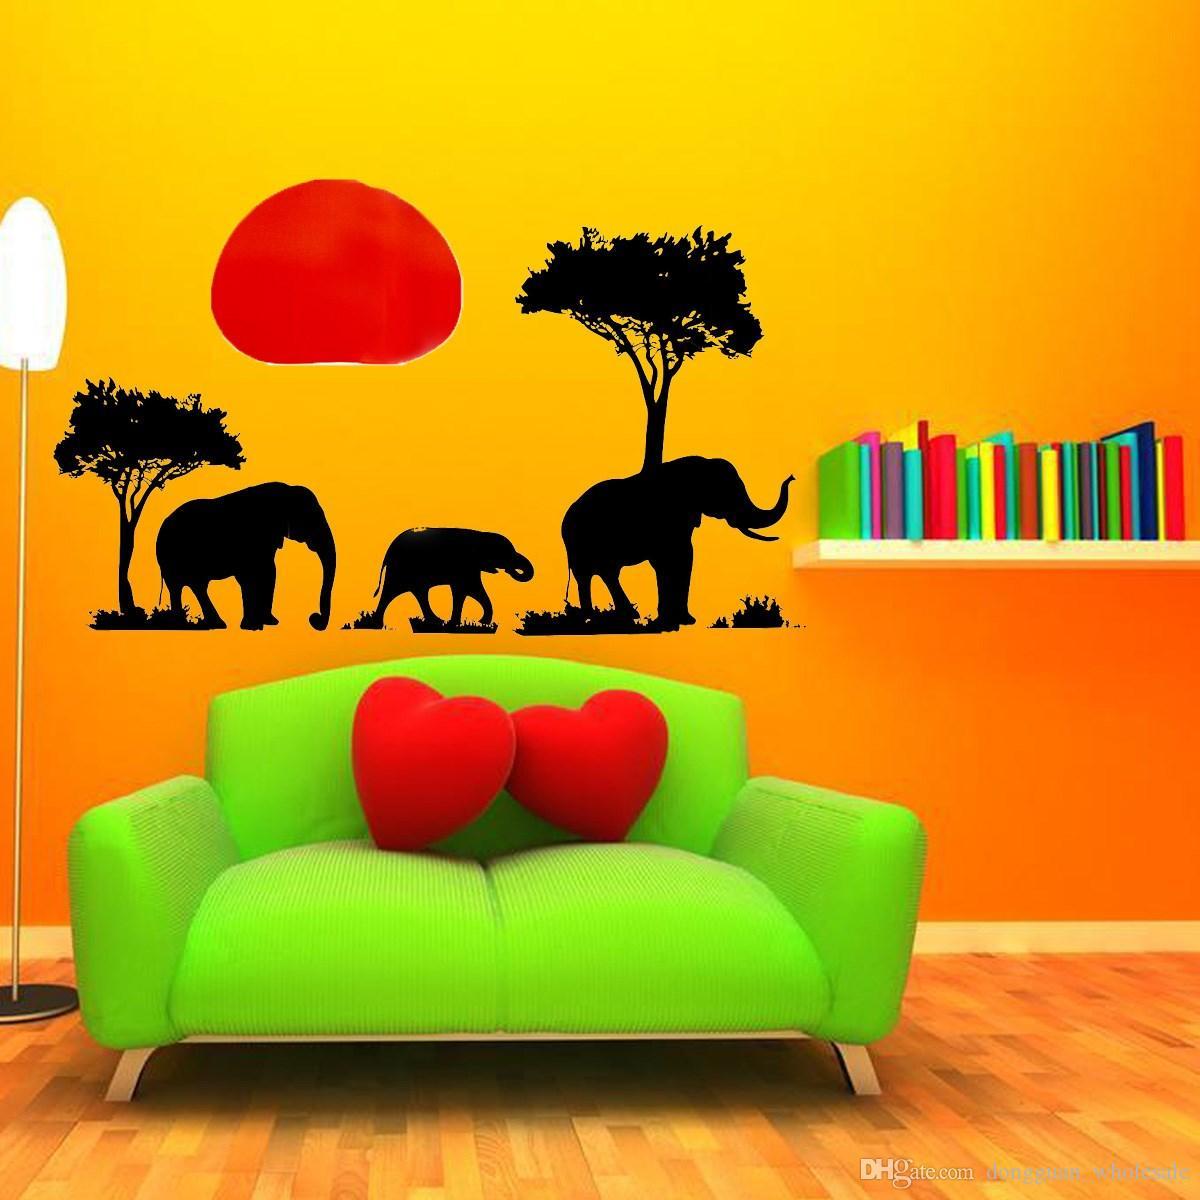 Yeni Varış PVC Çıkarılabilir Fil Ağacı 70x50 cm DIY Çıkartmaları Duvar Kağıdı duvar sticker Oturma Yatak Odası Arkaplan Dekorasyon 2016